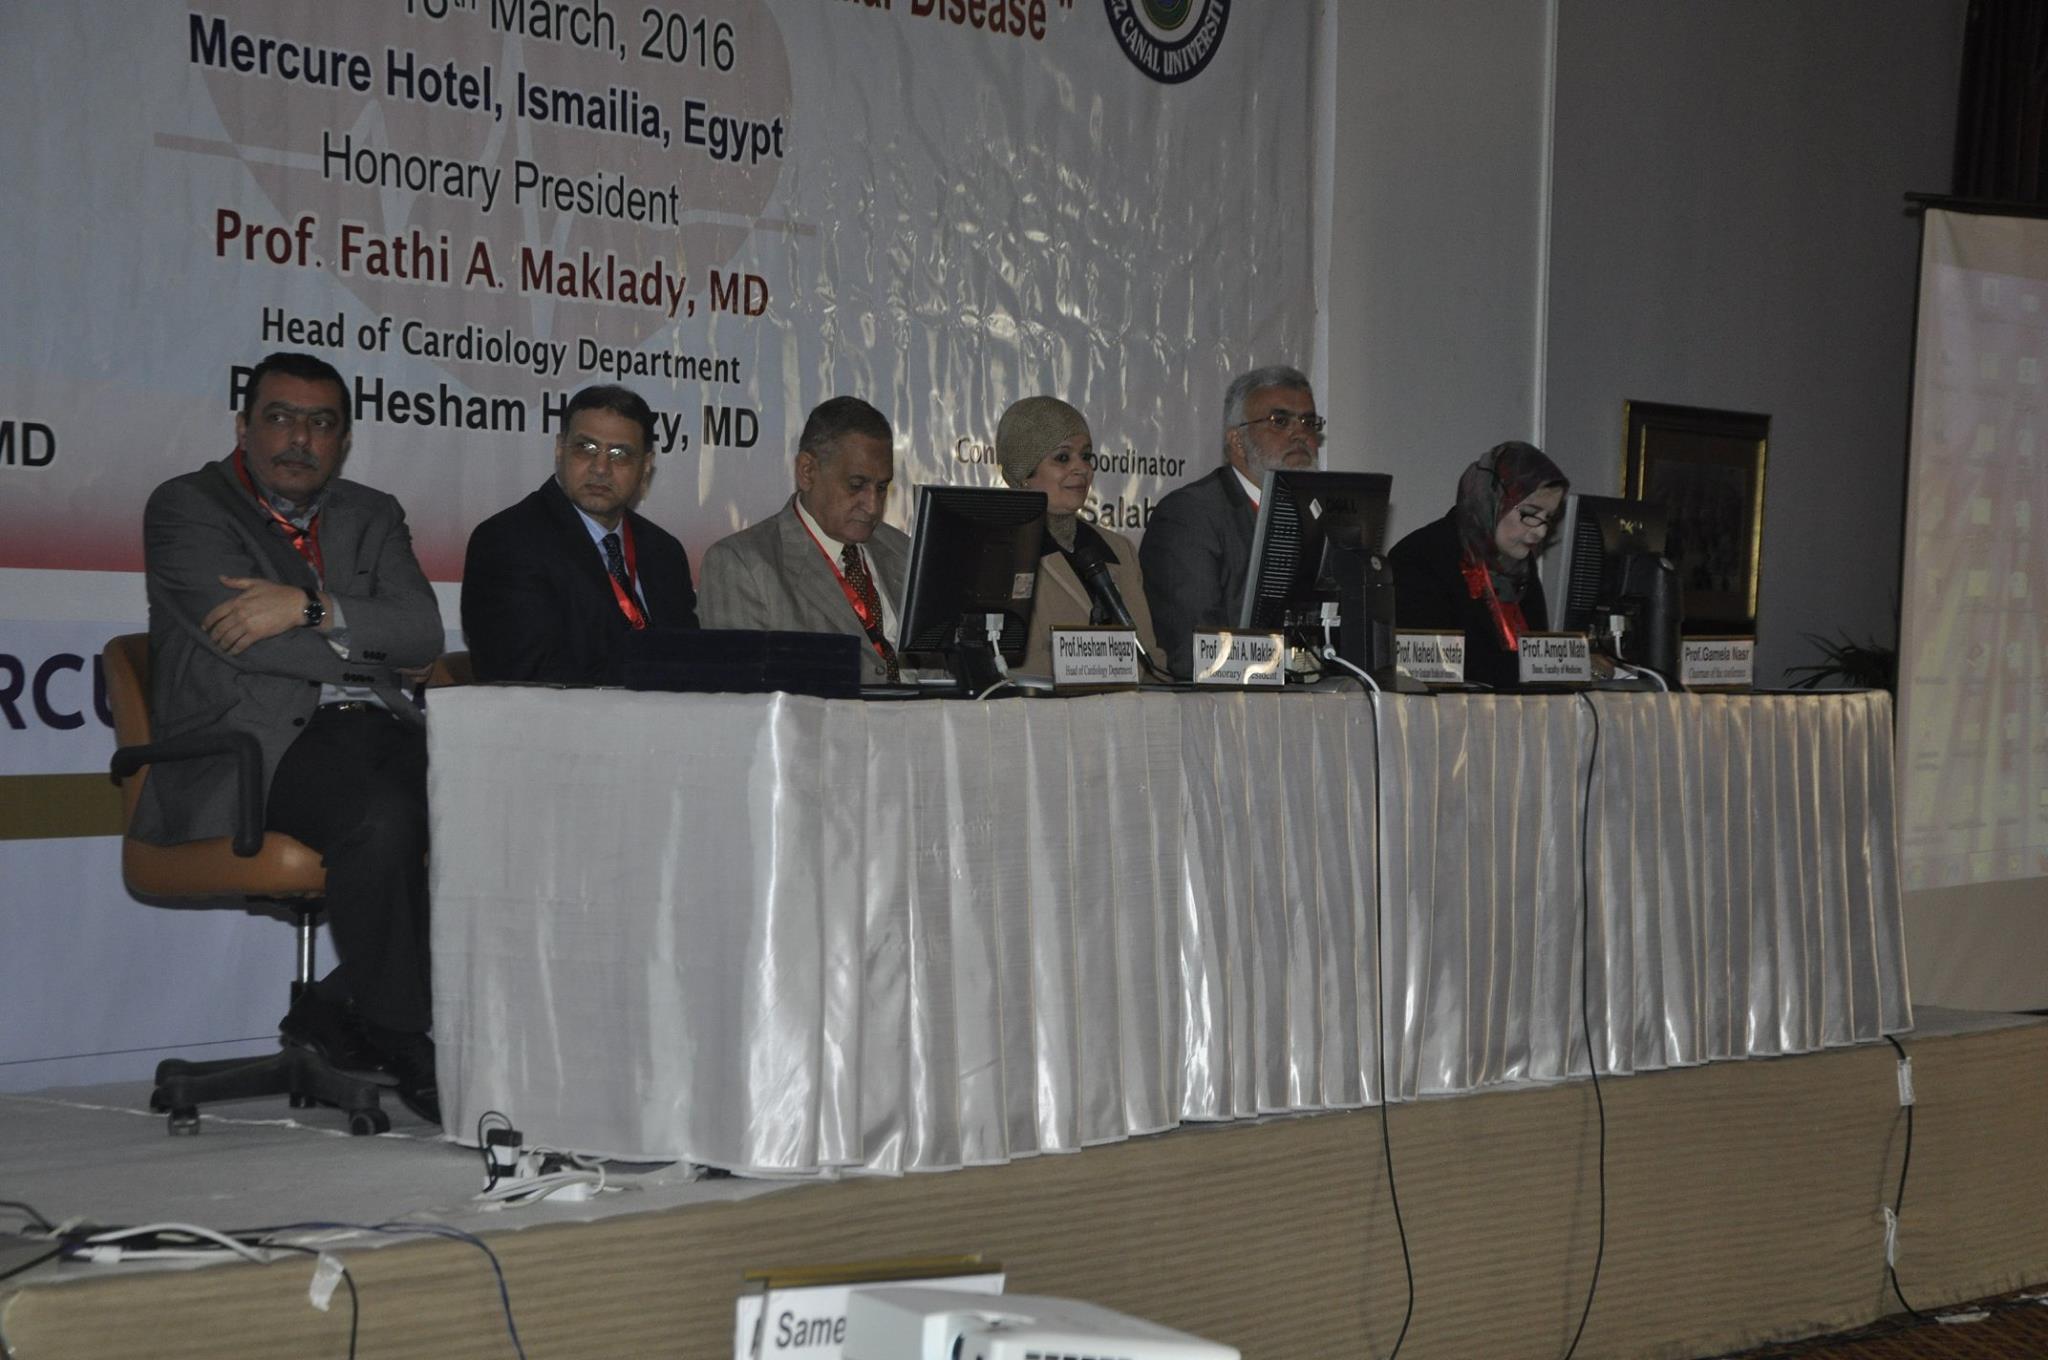 بالصور | افتتاح مؤتمر قسم القلب والأوعية الدموية لكلية الطب جامعة قناة السويس